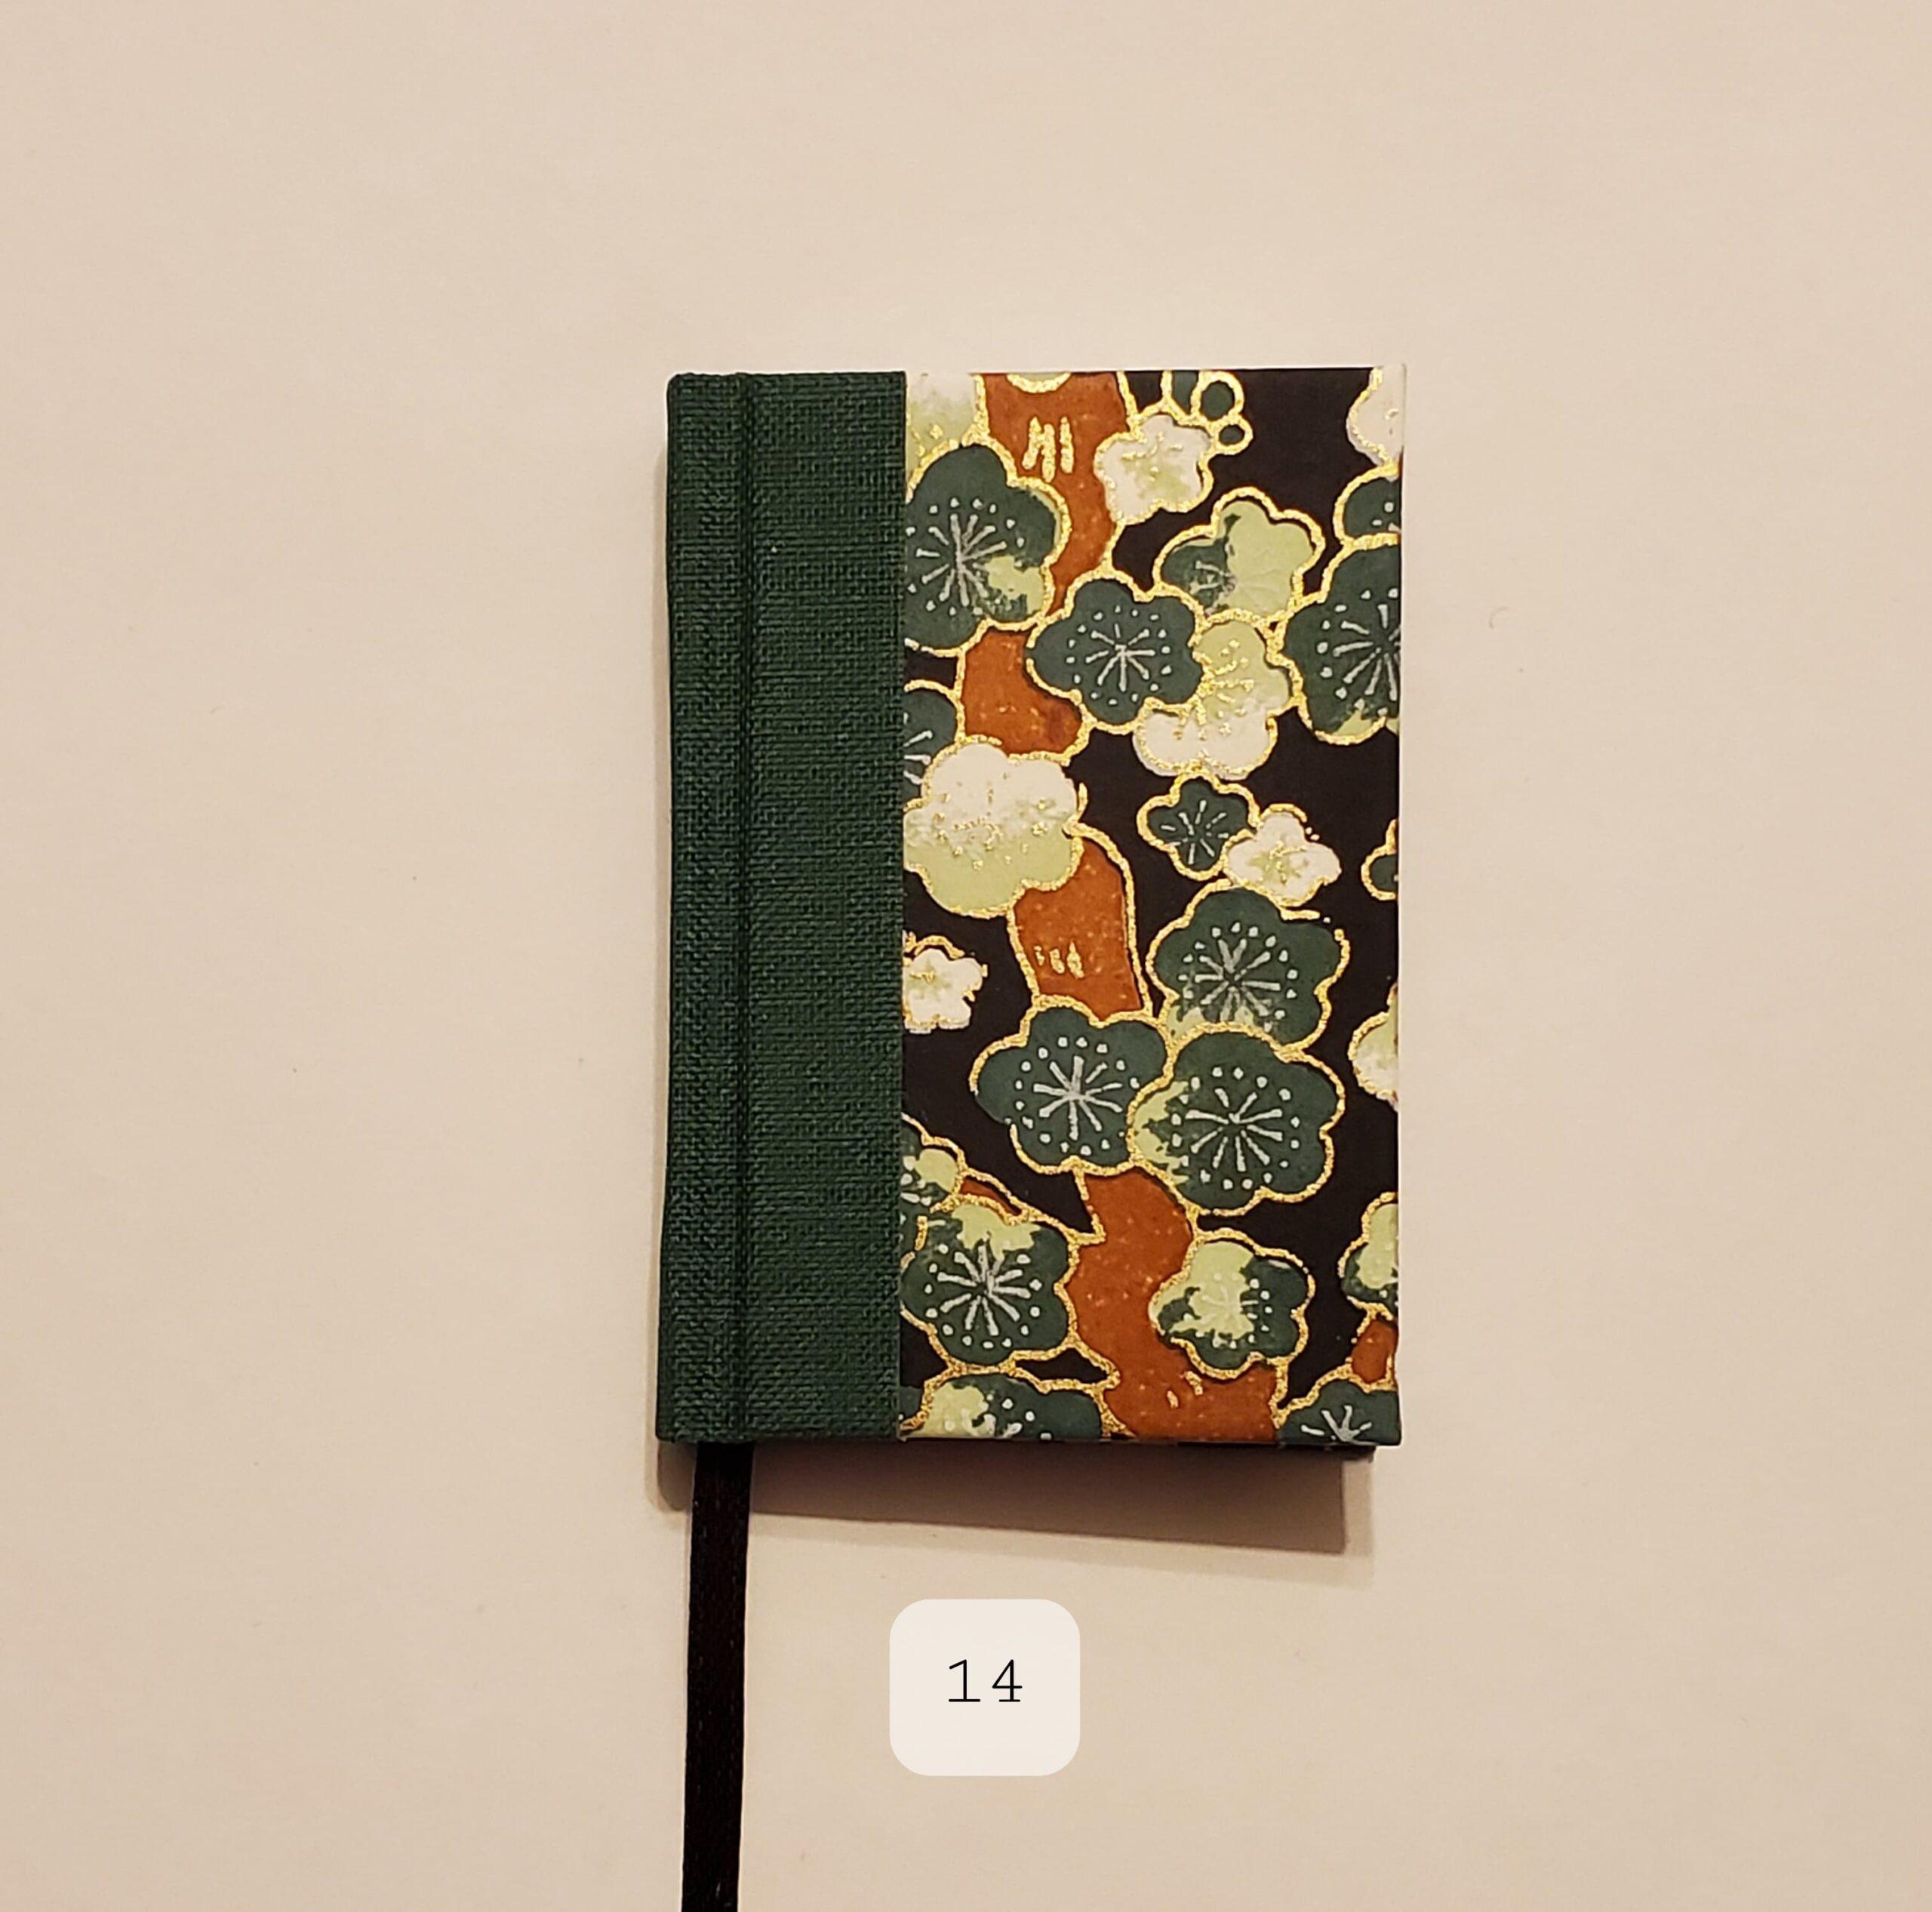 Japanese Journal 14